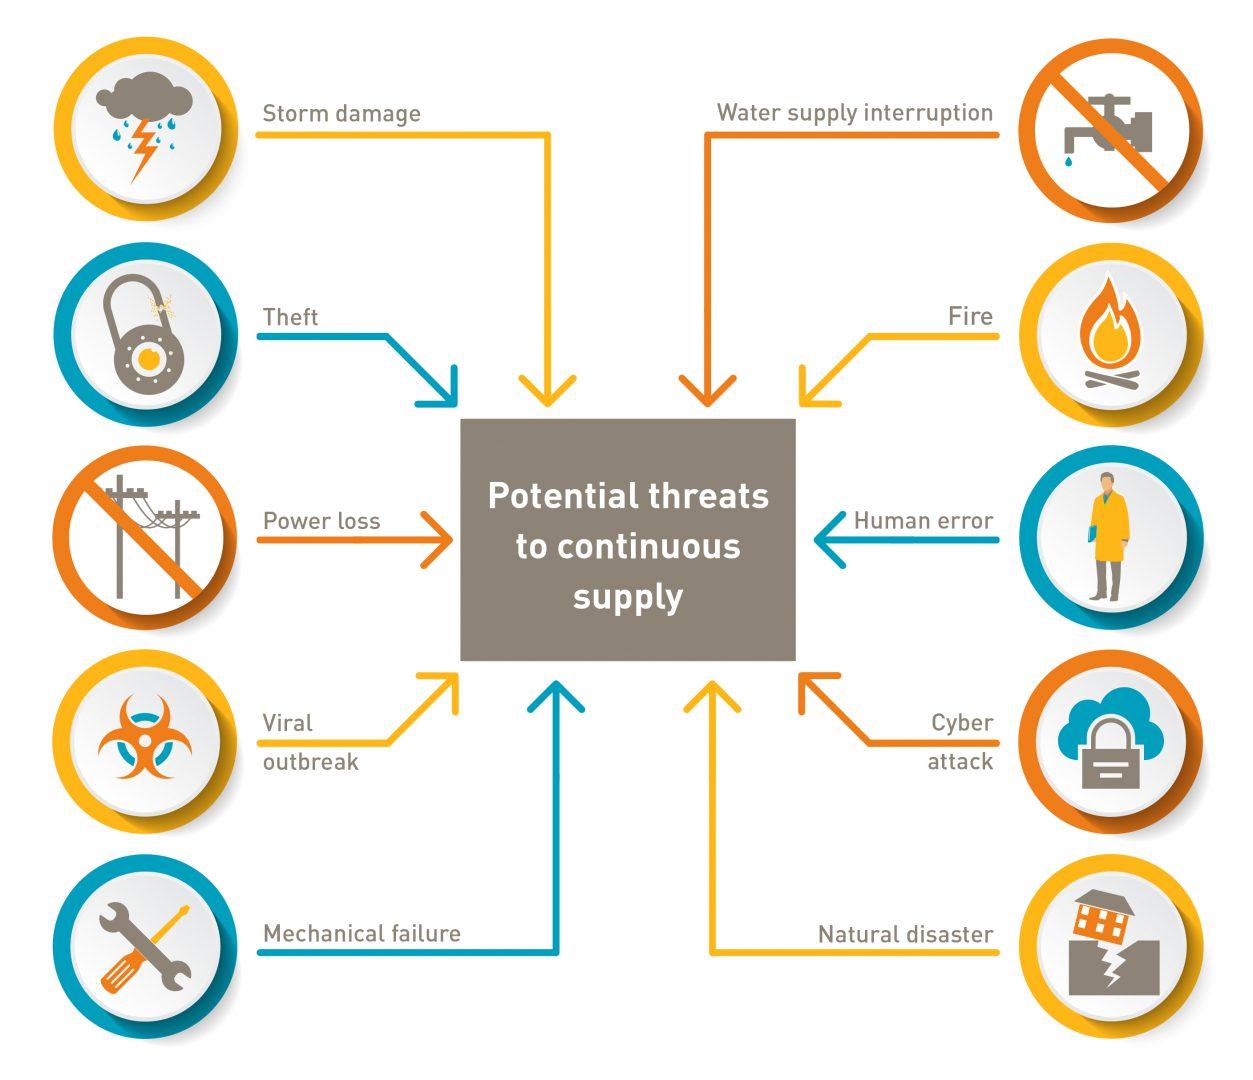 Le minacce alla continuità aziendale da prevenire con un Disaster Recovery Plan